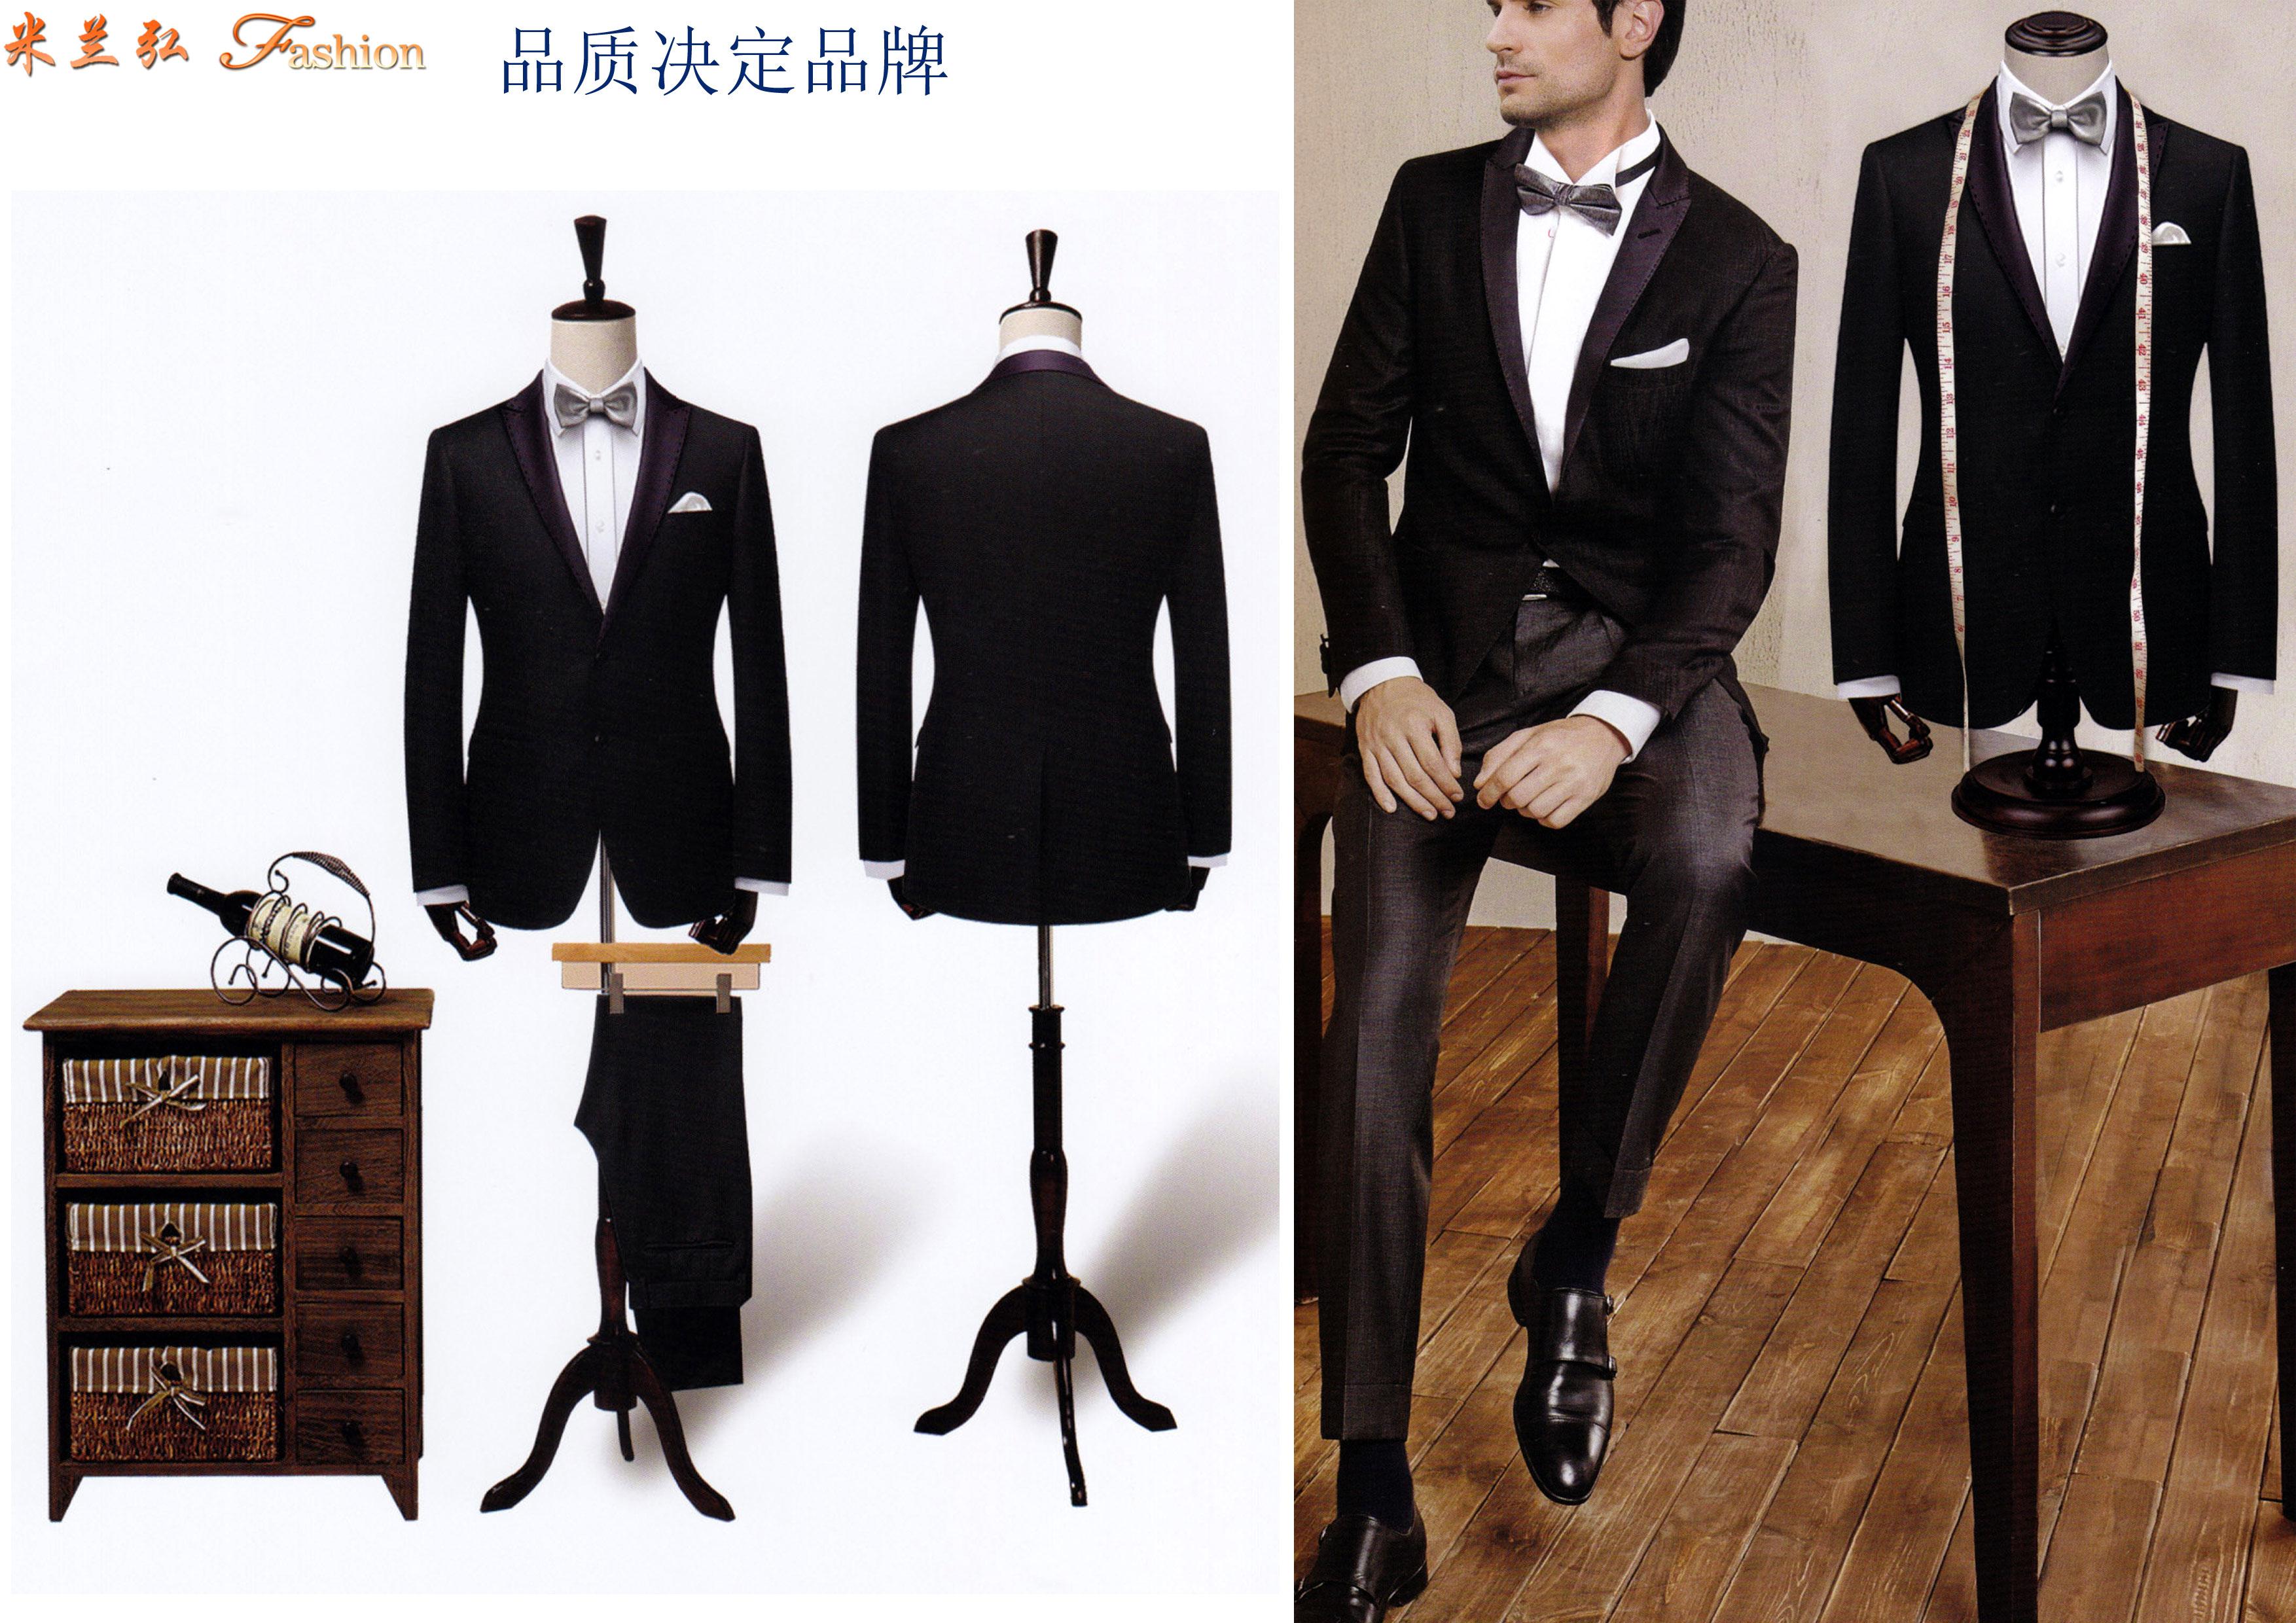 北京量身定制品牌西服_北京西装定做_北京羊毛西服订制-1